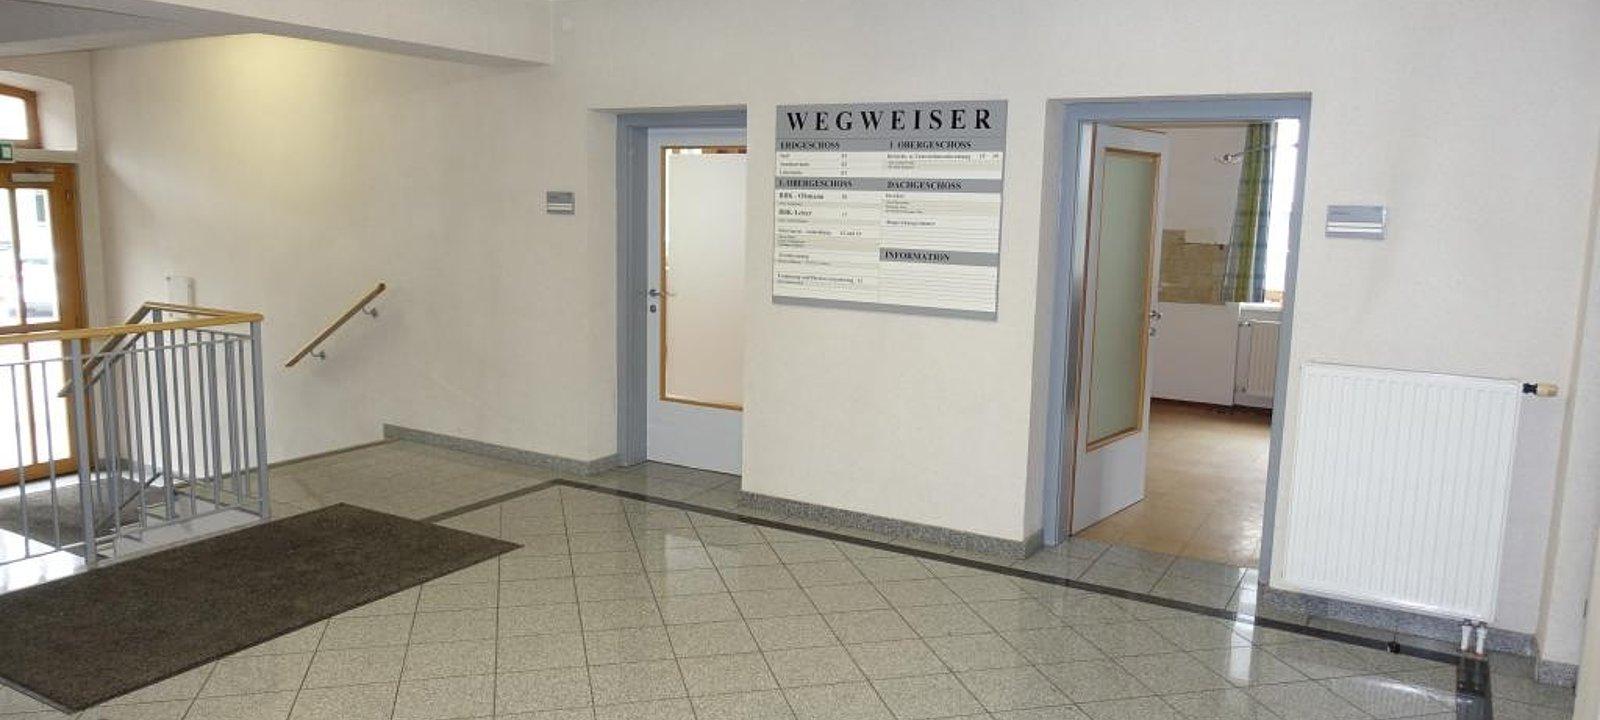 Eingangsbereich_2